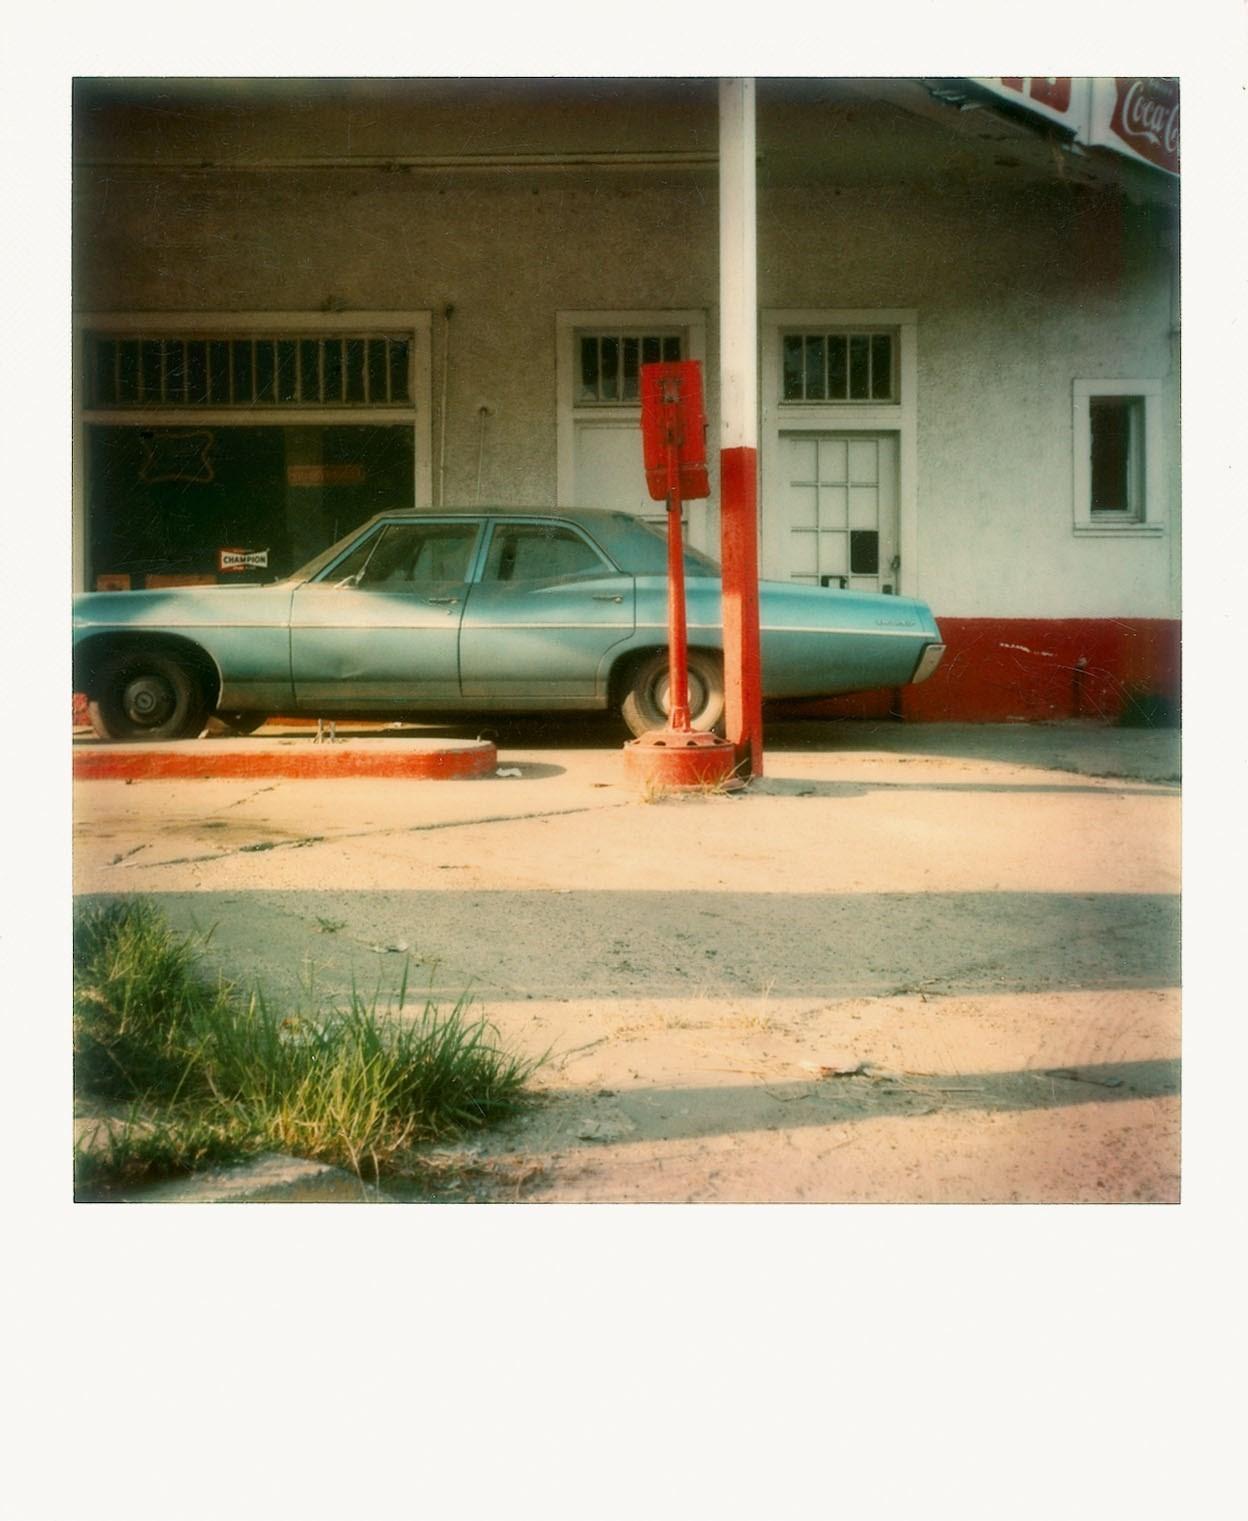 Ретро авто. Фотограф Уильям Эгглстон